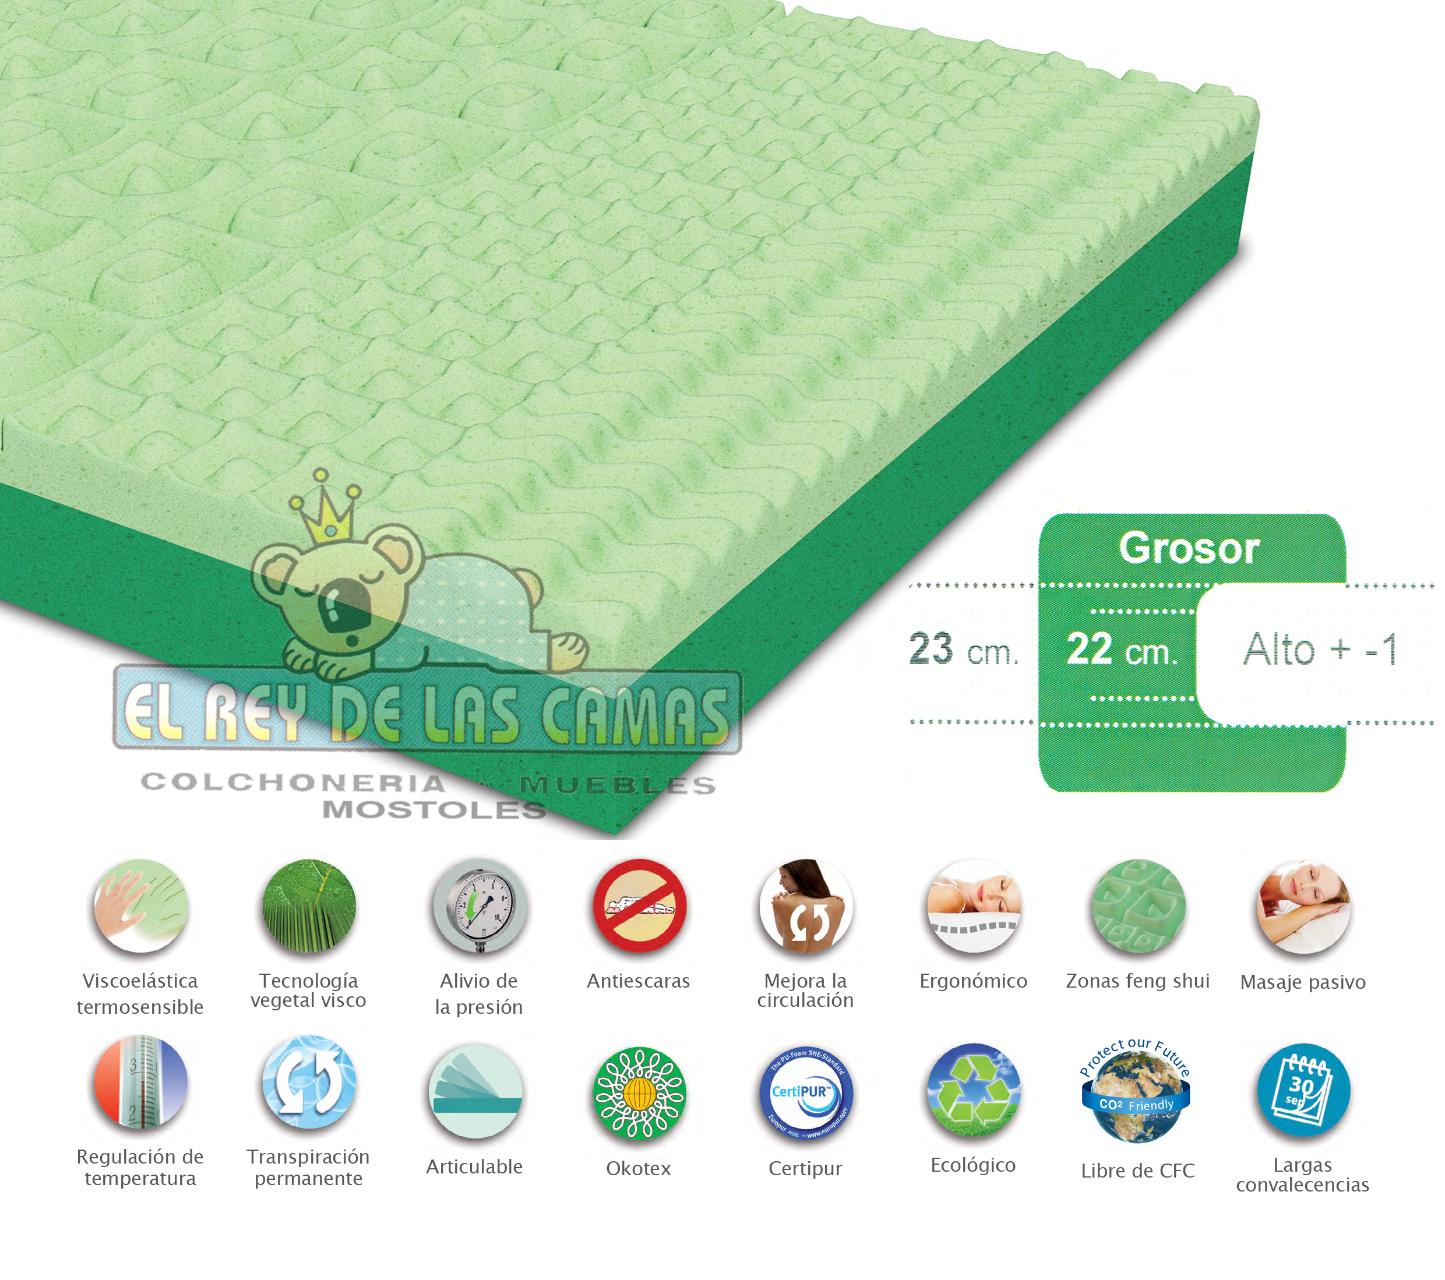 Colchon Modelo Swiss Green Visco | El Rey de las Camas | Colchonería ...